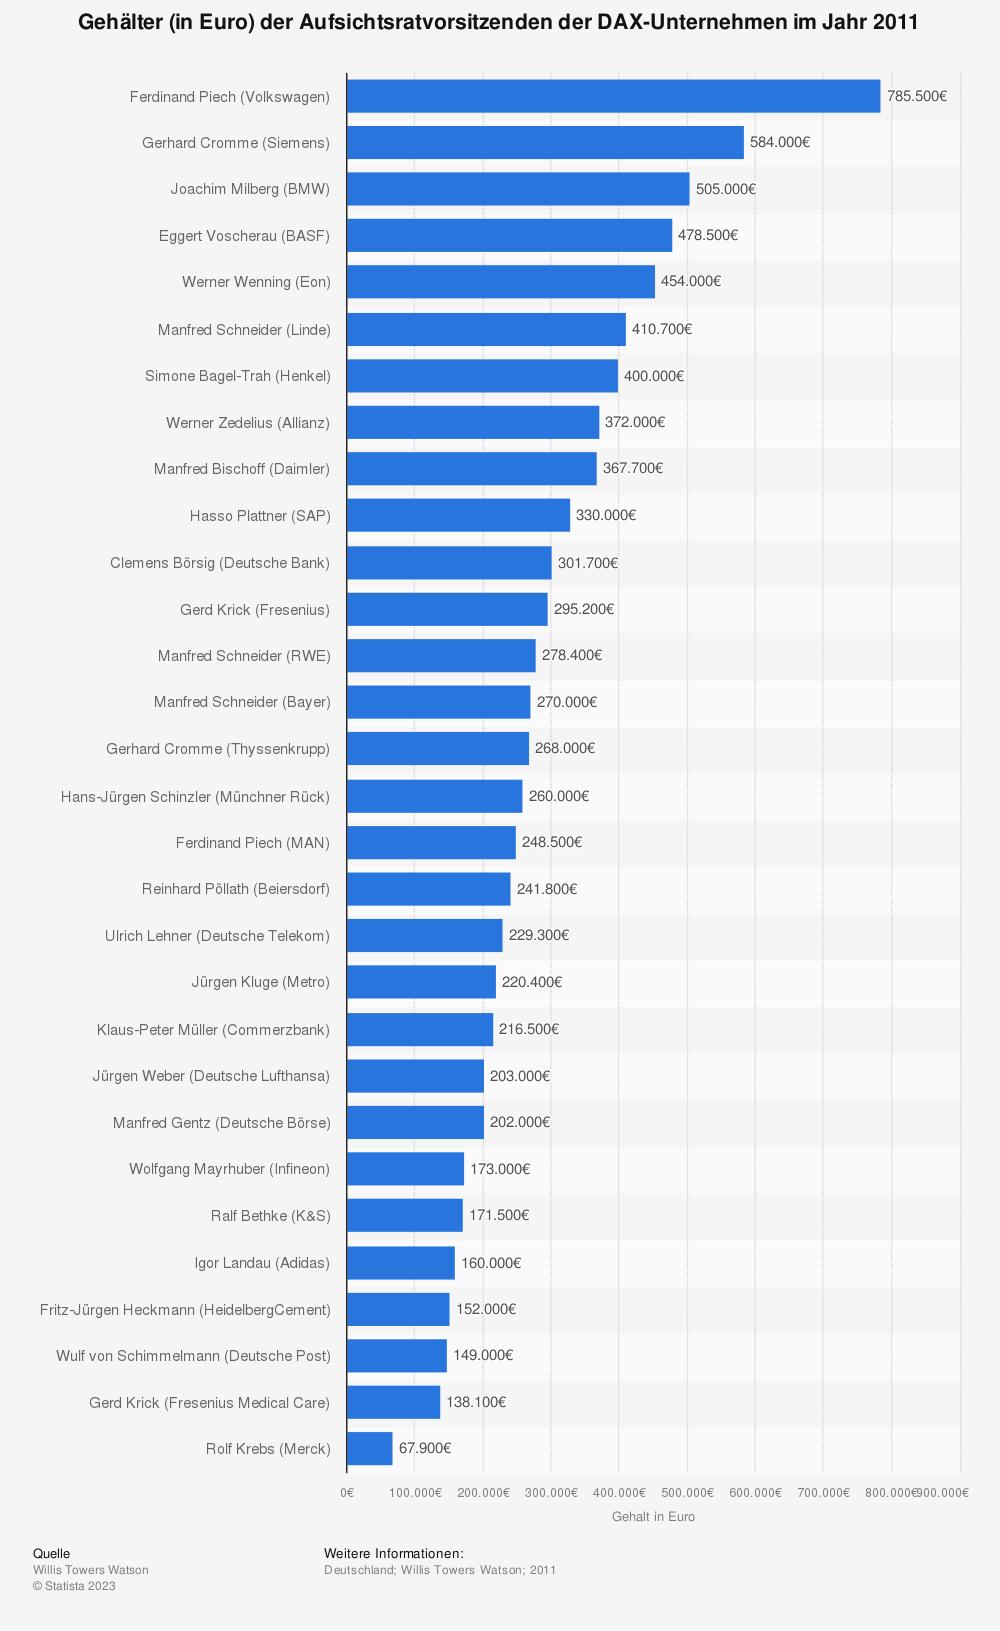 Statistik: Gehälter (in Euro) der Aufsichtsratvorsitzenden der DAX-Unternehmen im Jahr 2011 | Statista